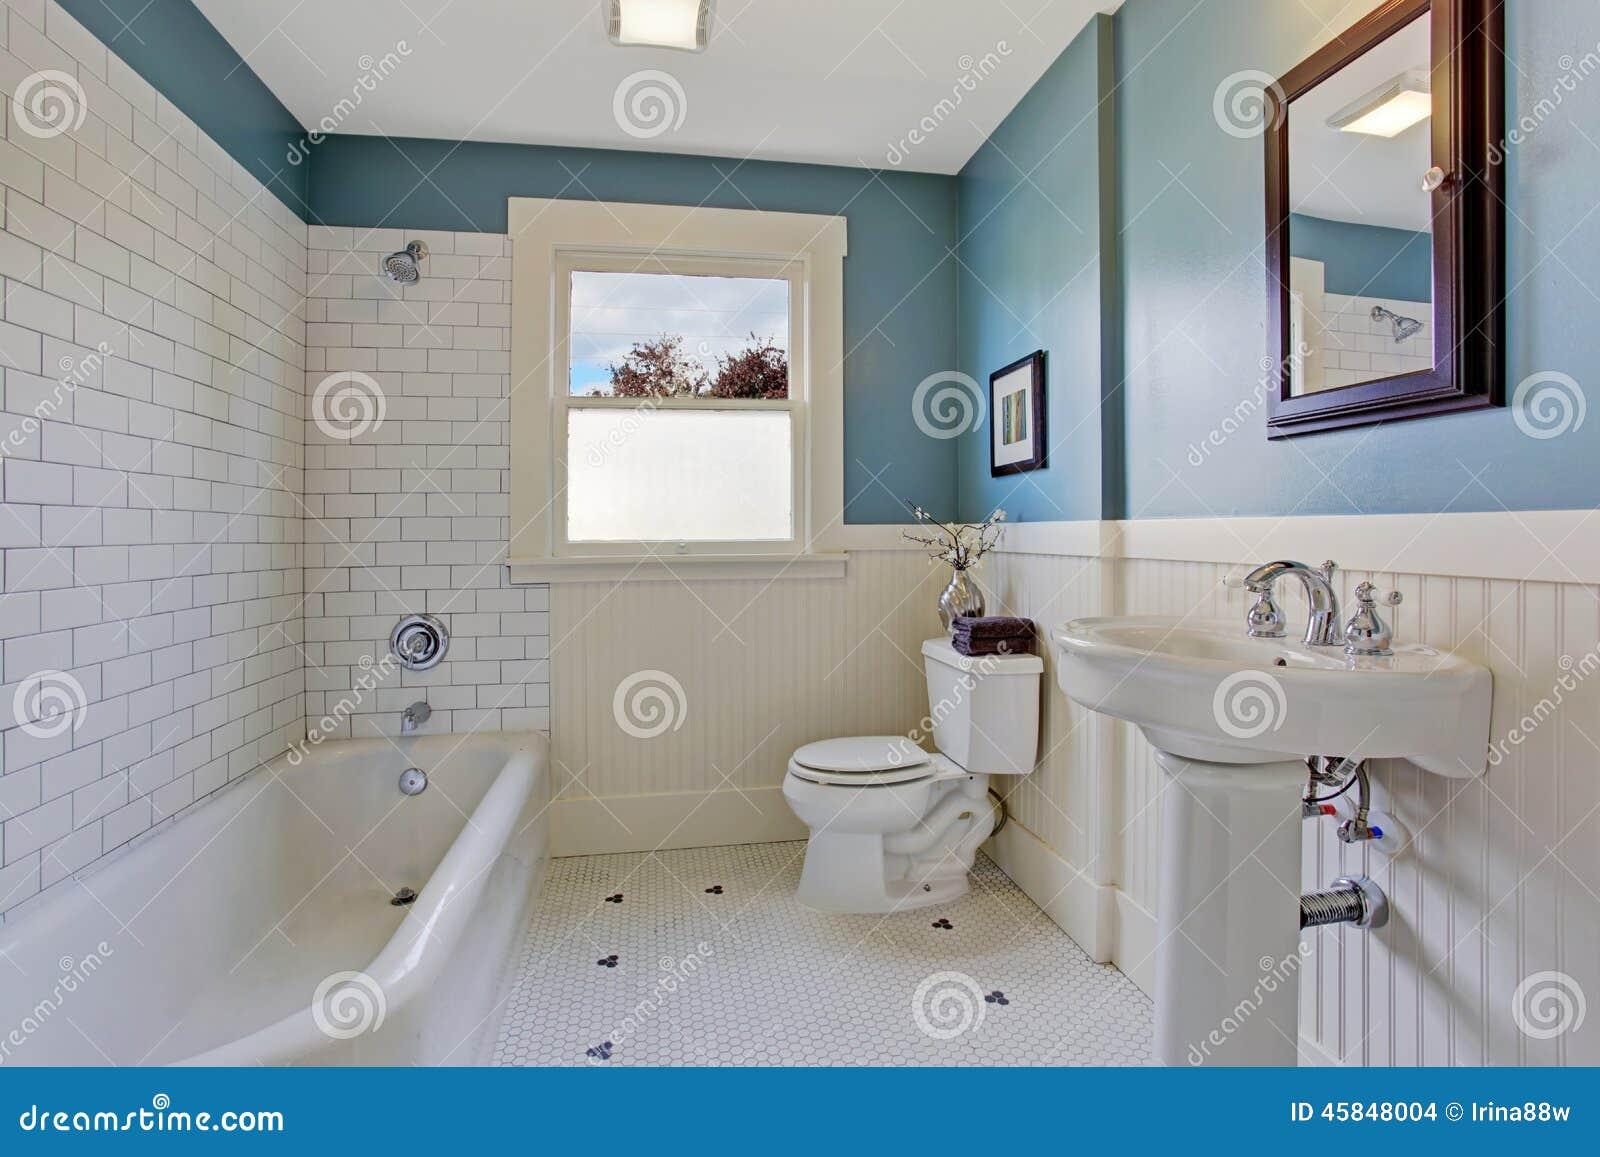 Interior blanco y azul del cuarto de ba o foto de archivo - Banos en azul y blanco ...